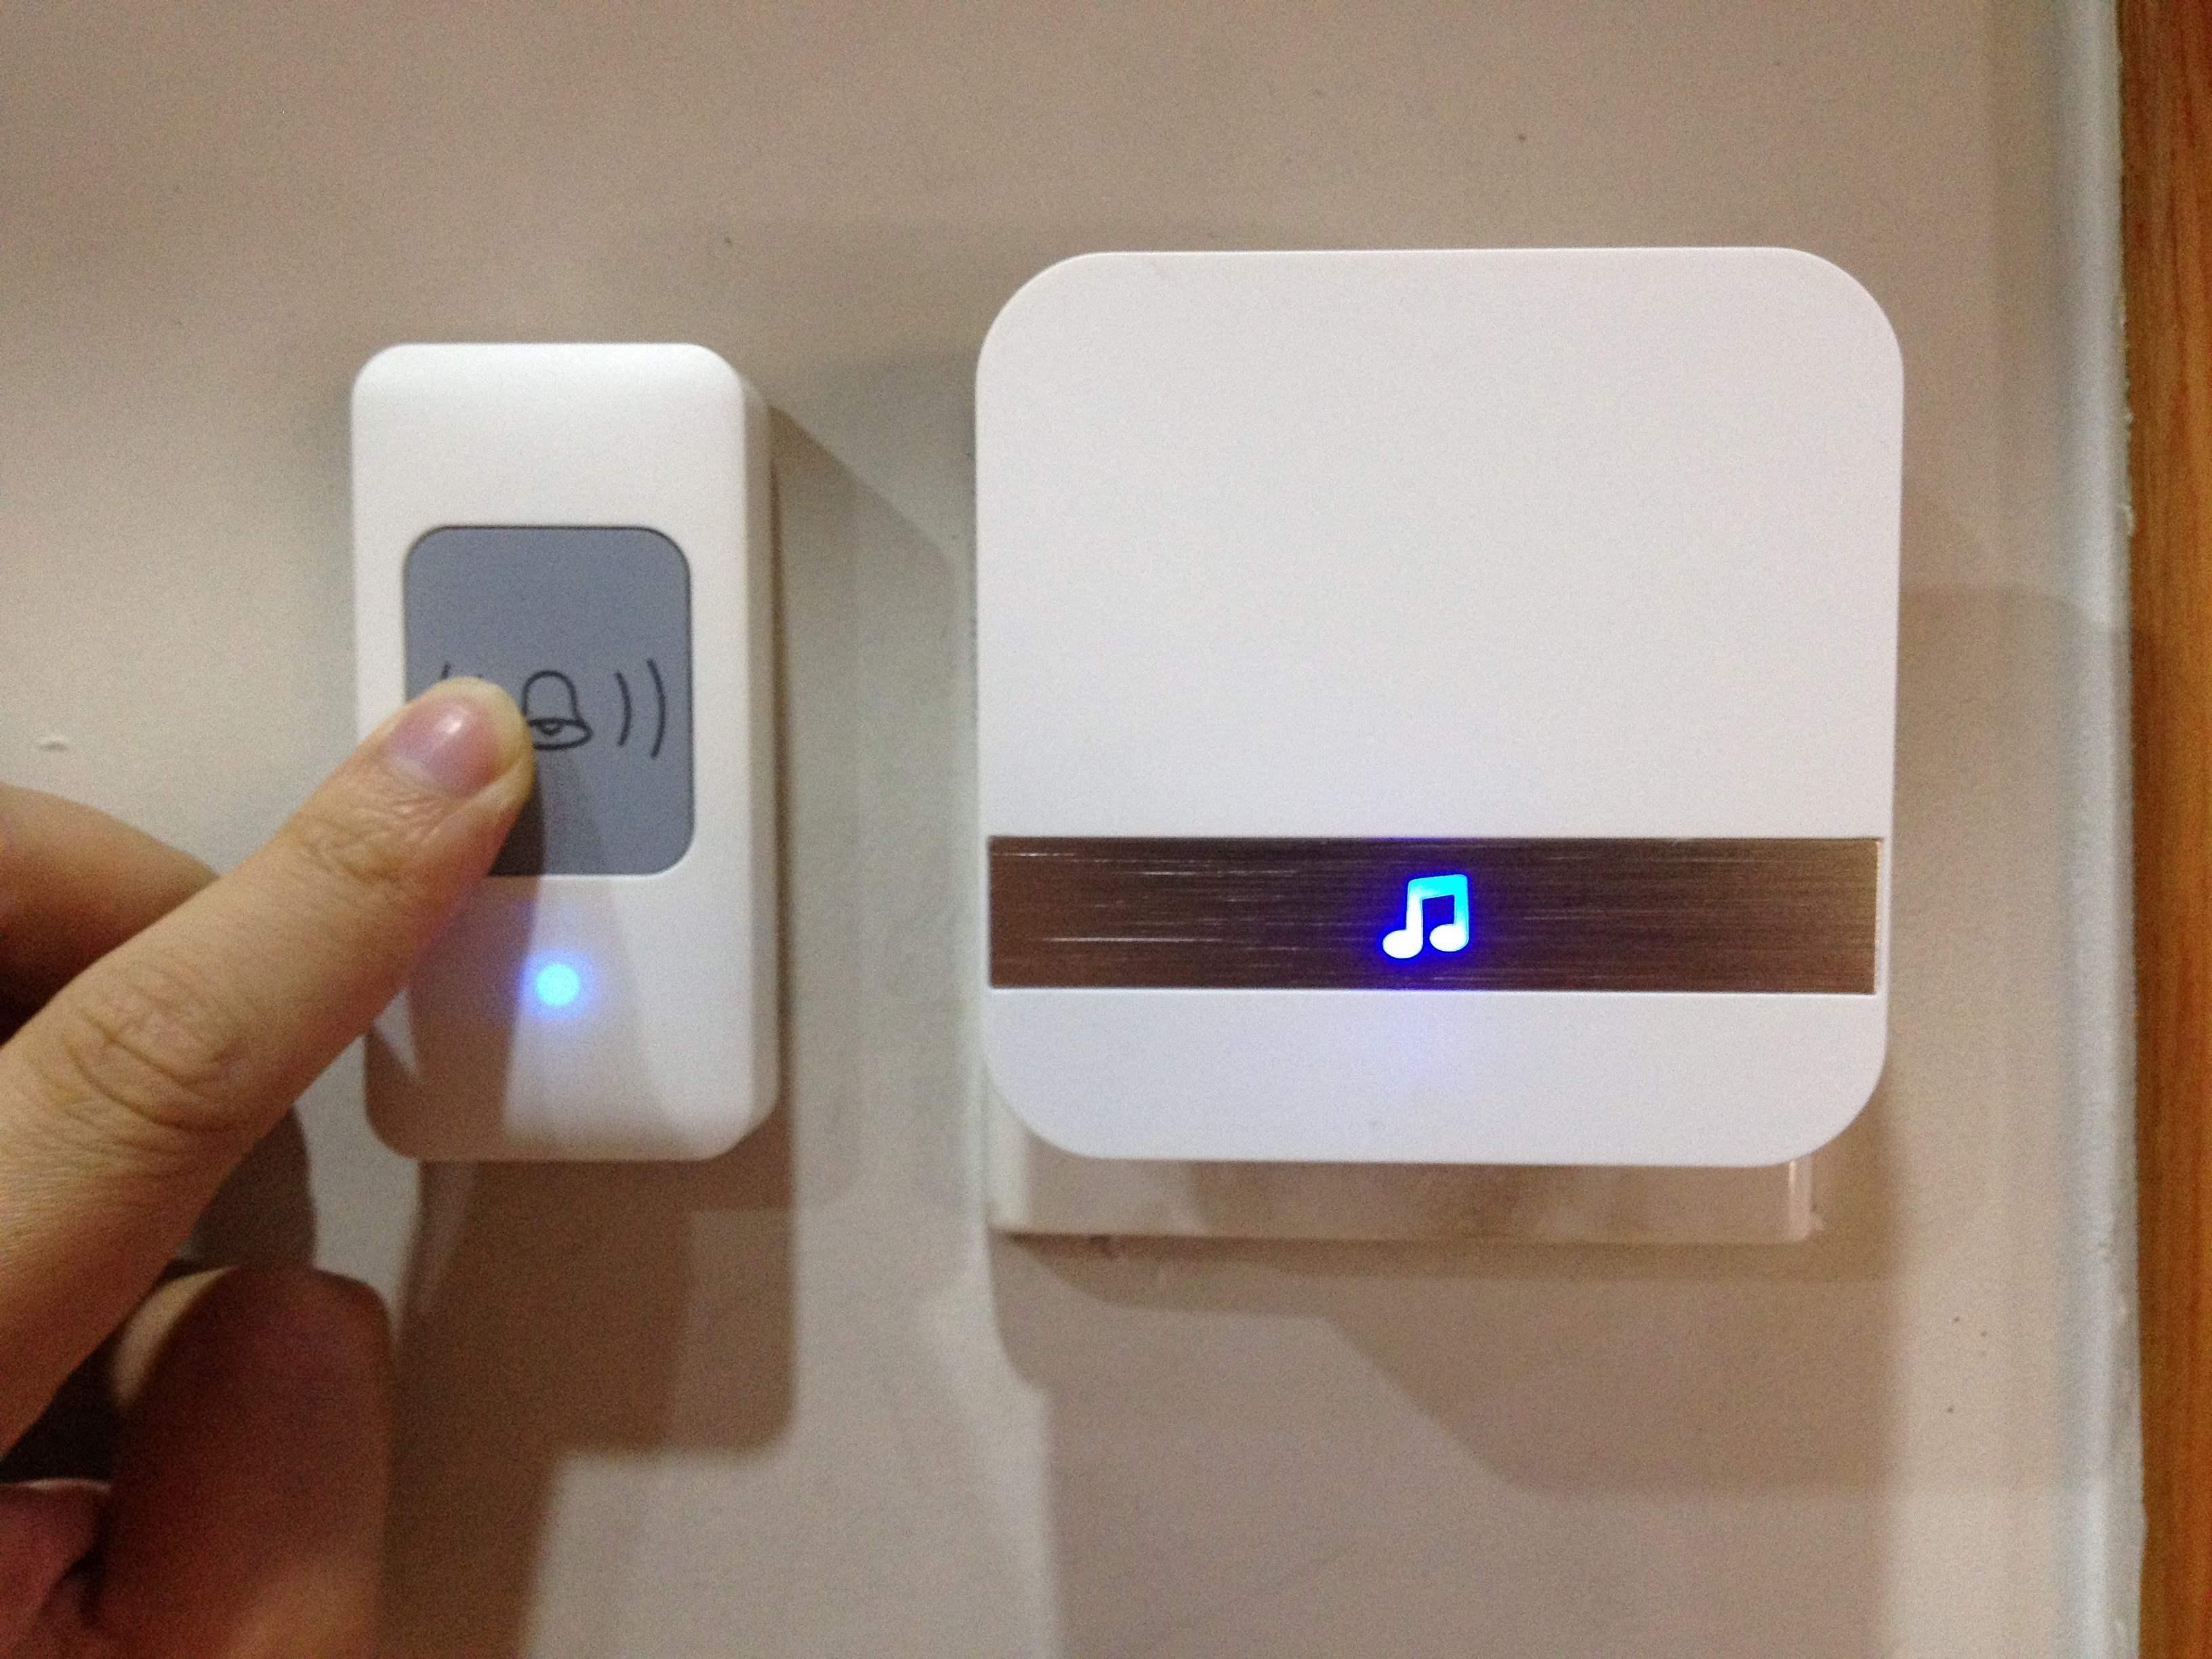 C上菜电铃提醒器无线点餐呼铃厨房家唤用门铃遥控呼叫病房饭店